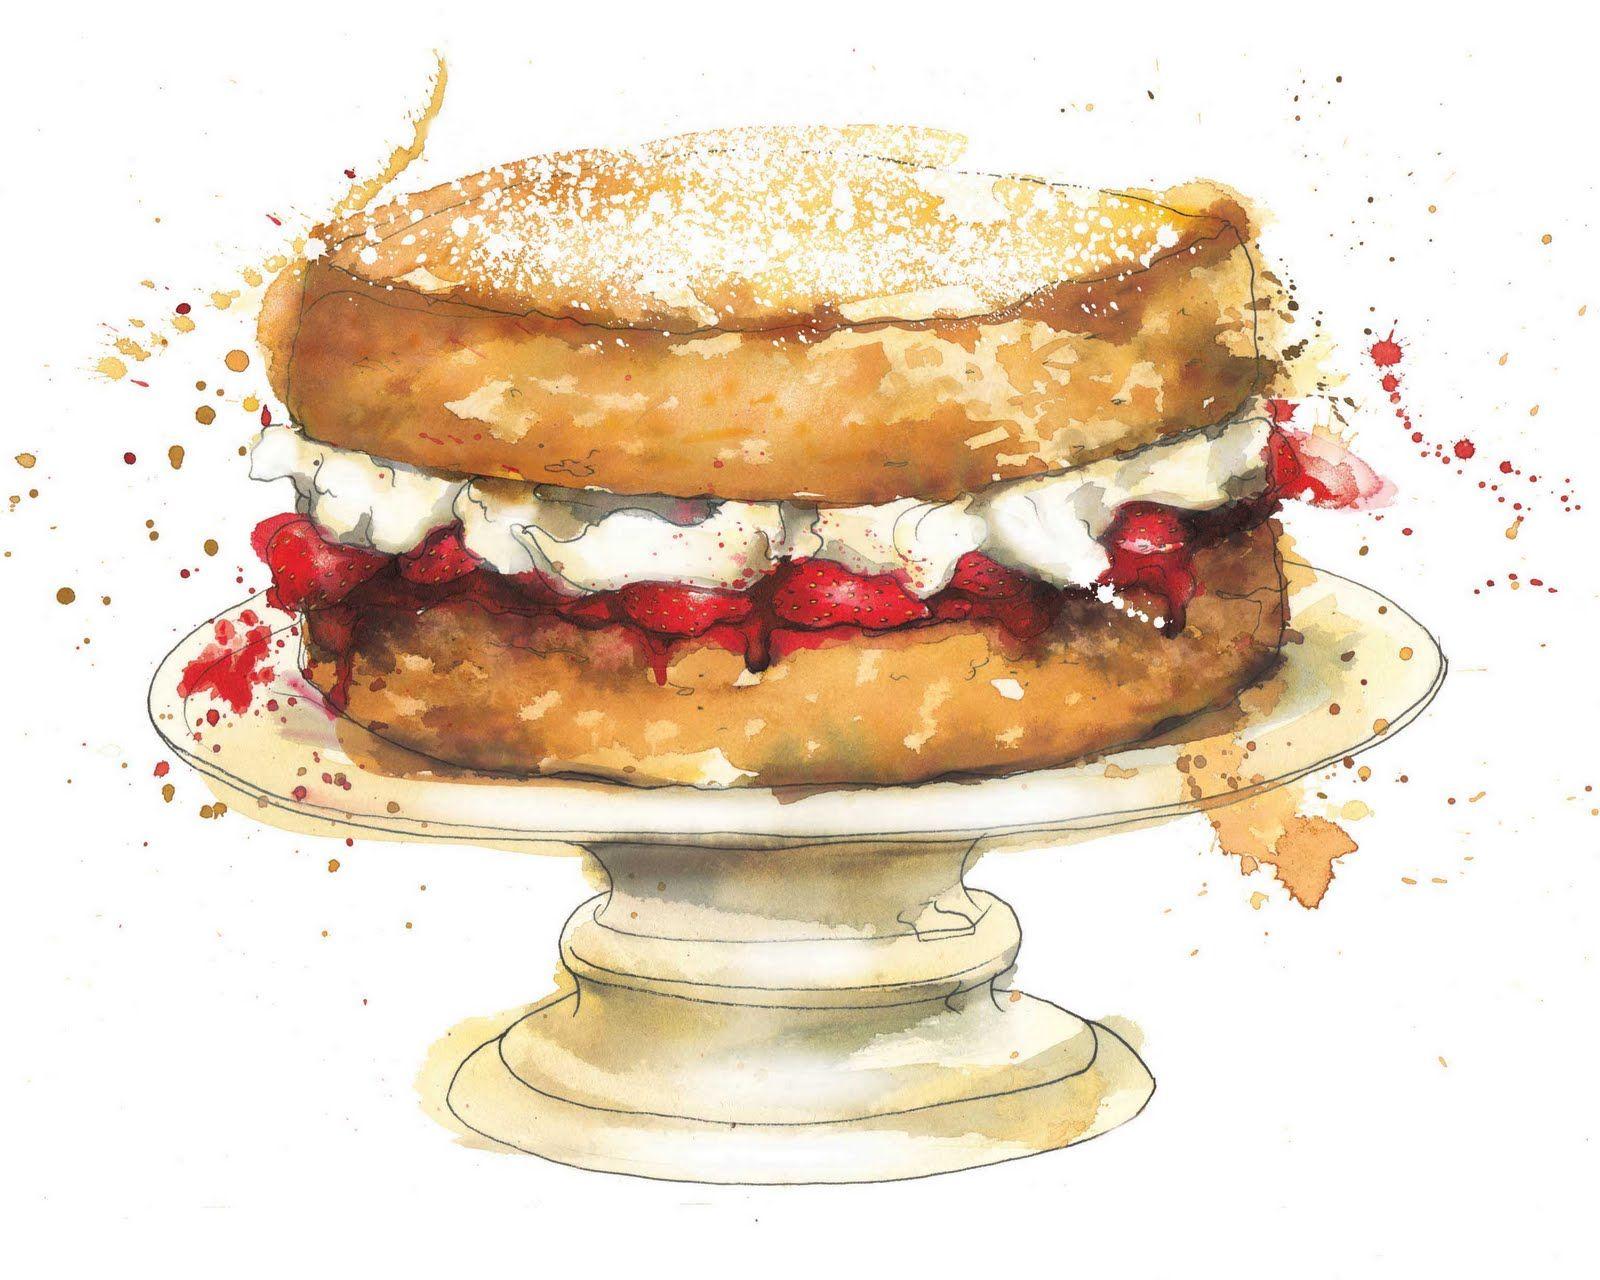 Картинки кулинарная тема скрапбукинг первый